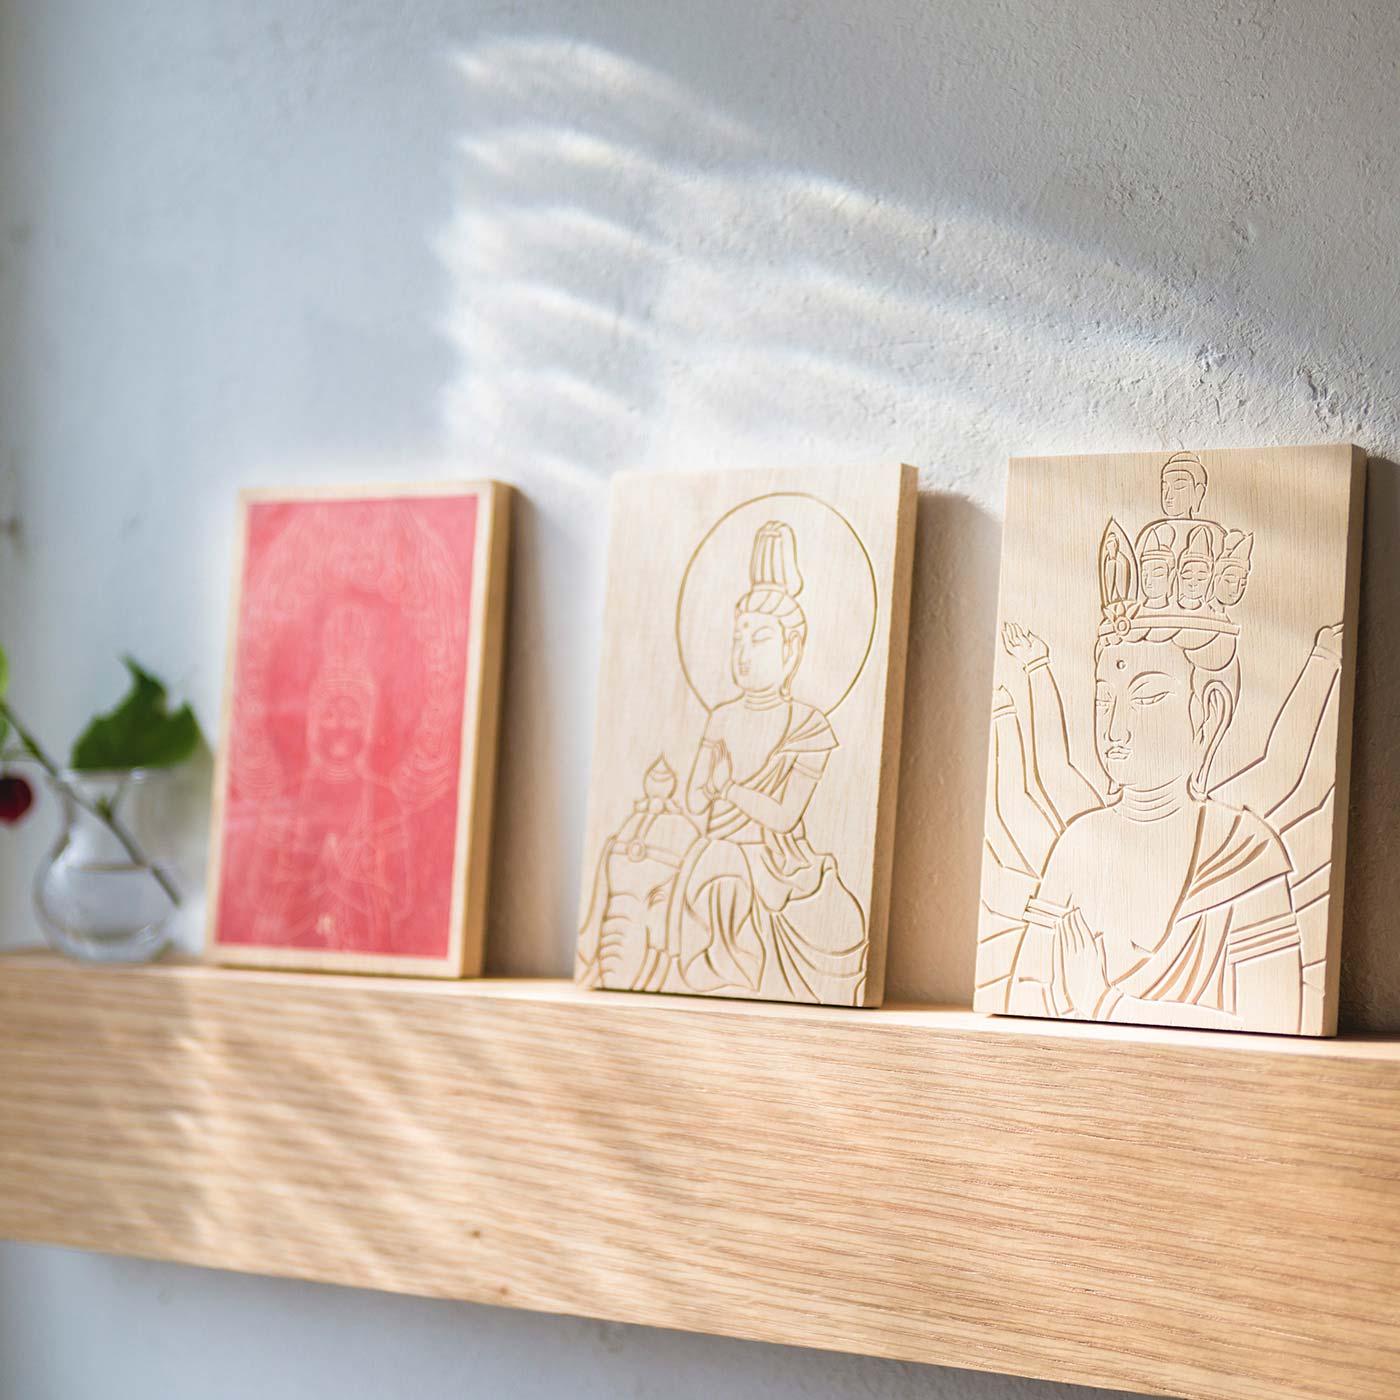 お部屋に飾ると清らかな雰囲気に。お守りとして玄関や寝室に置いても。